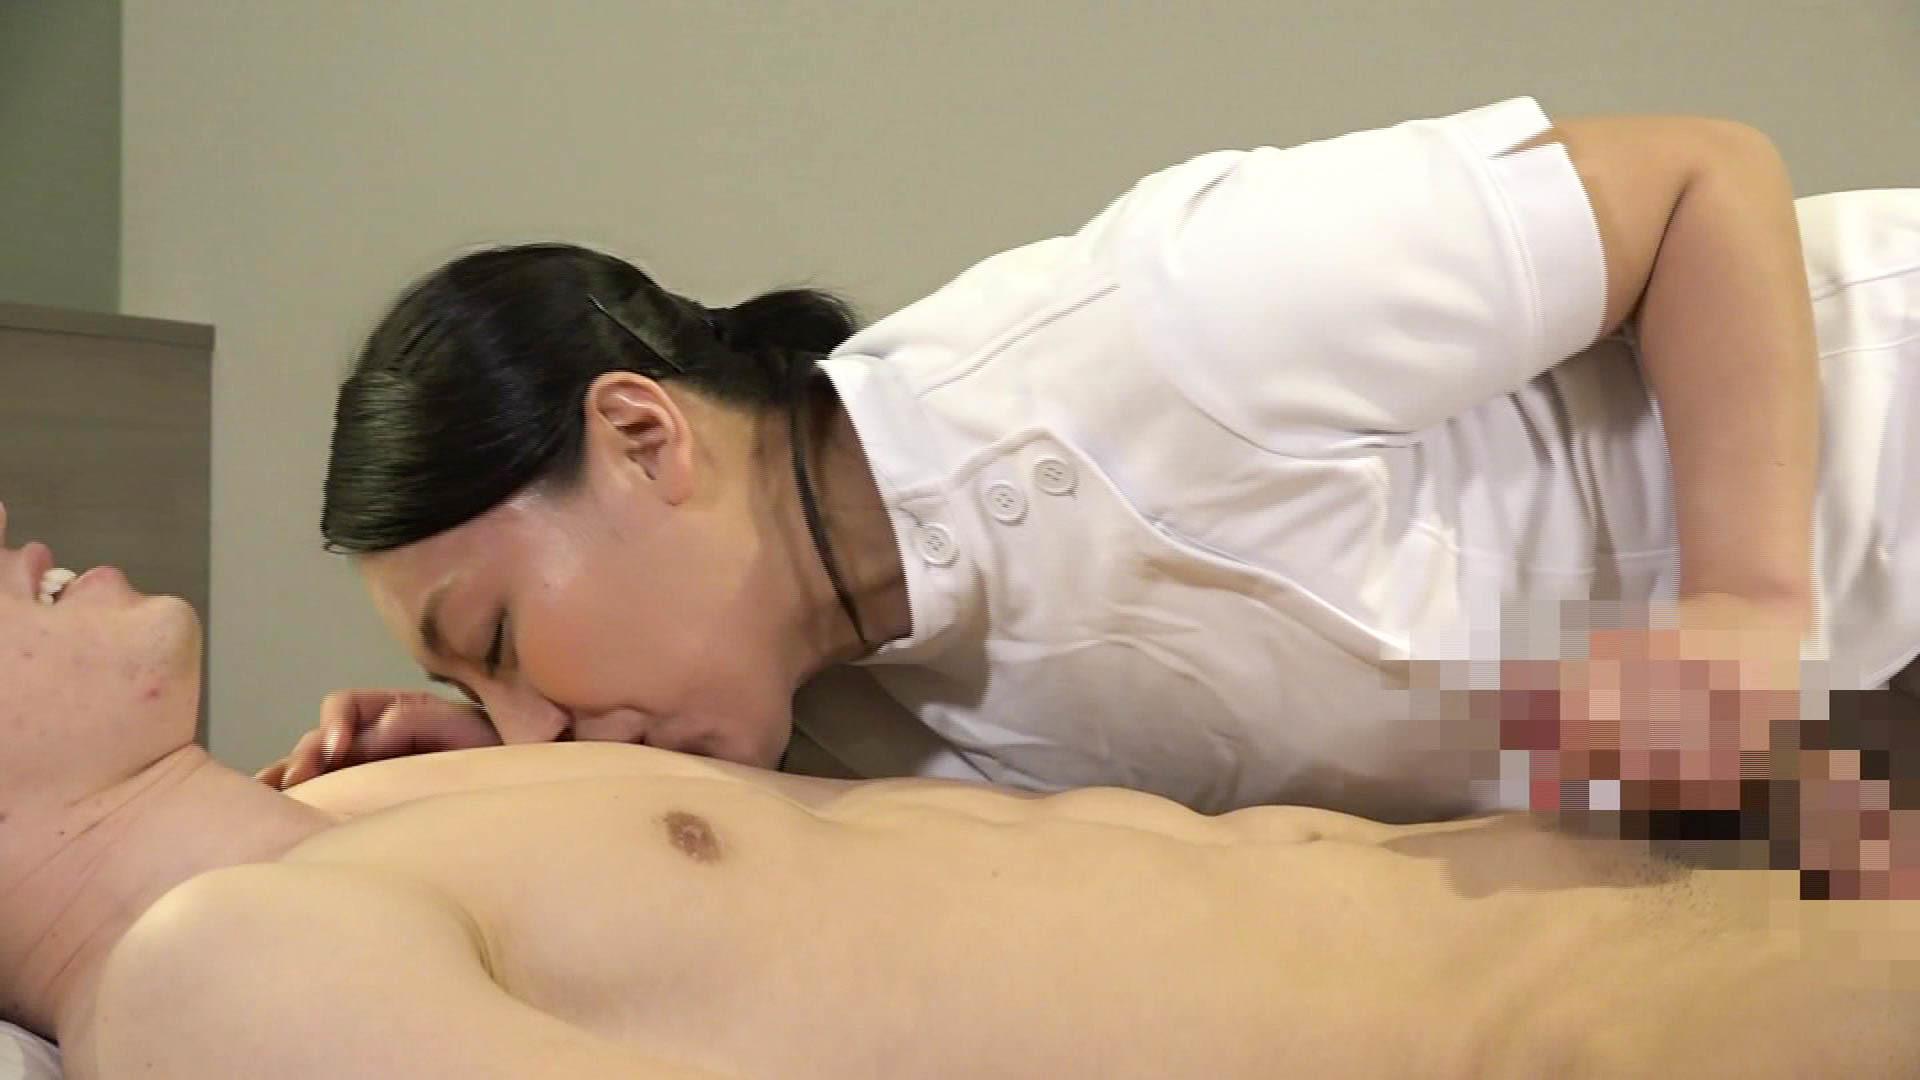 ビジネスホテルの女性マッサージ師は抜いてくれるのか?(10)~フェロモン全開のデカ尻人妻・田所さん,のサンプル画像17